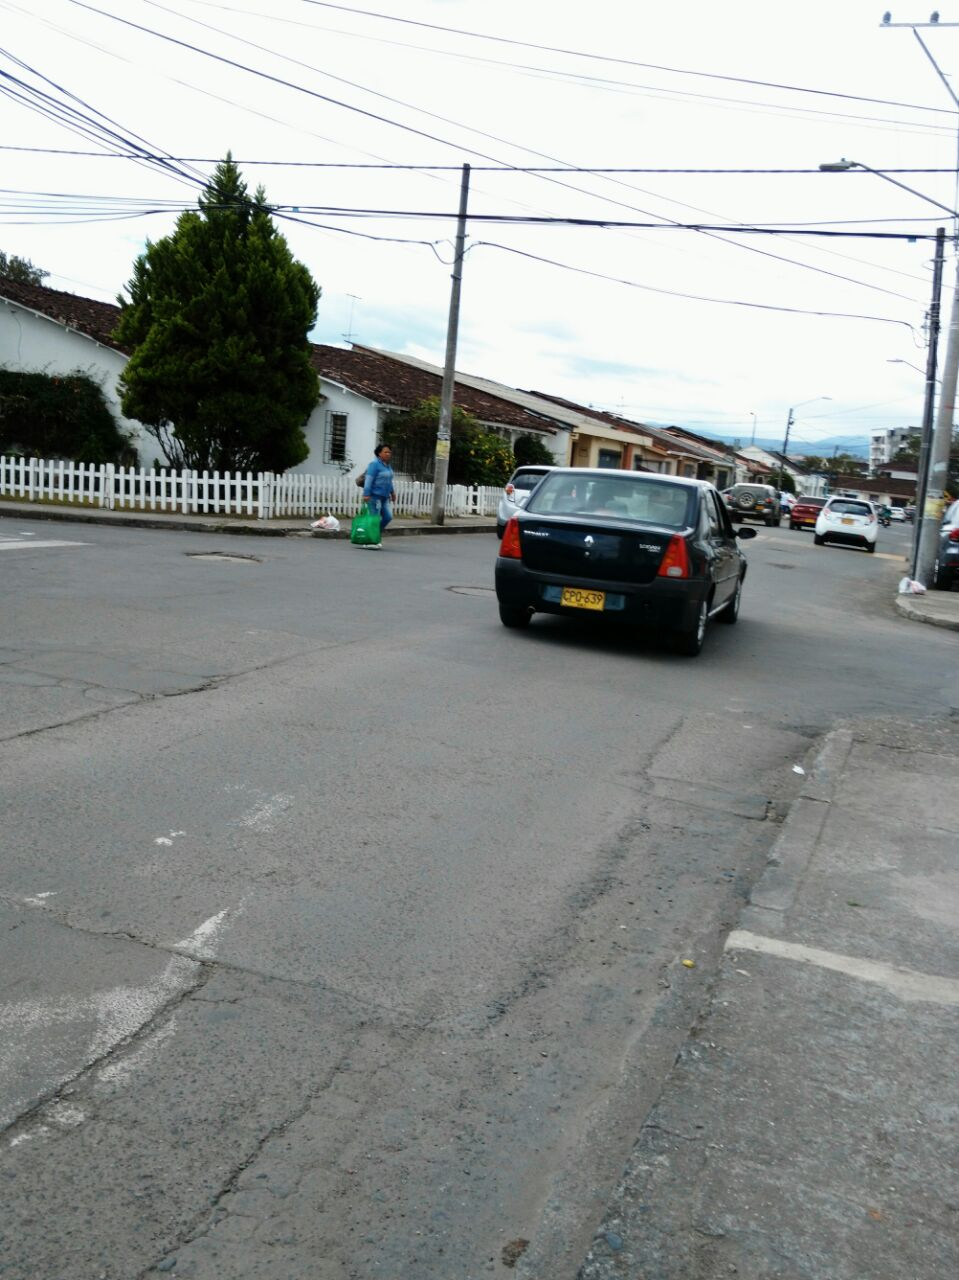 Esquina en donde una conductora, que llevaba la vía, estuvo a punto de colisionar con la moto del atracador.